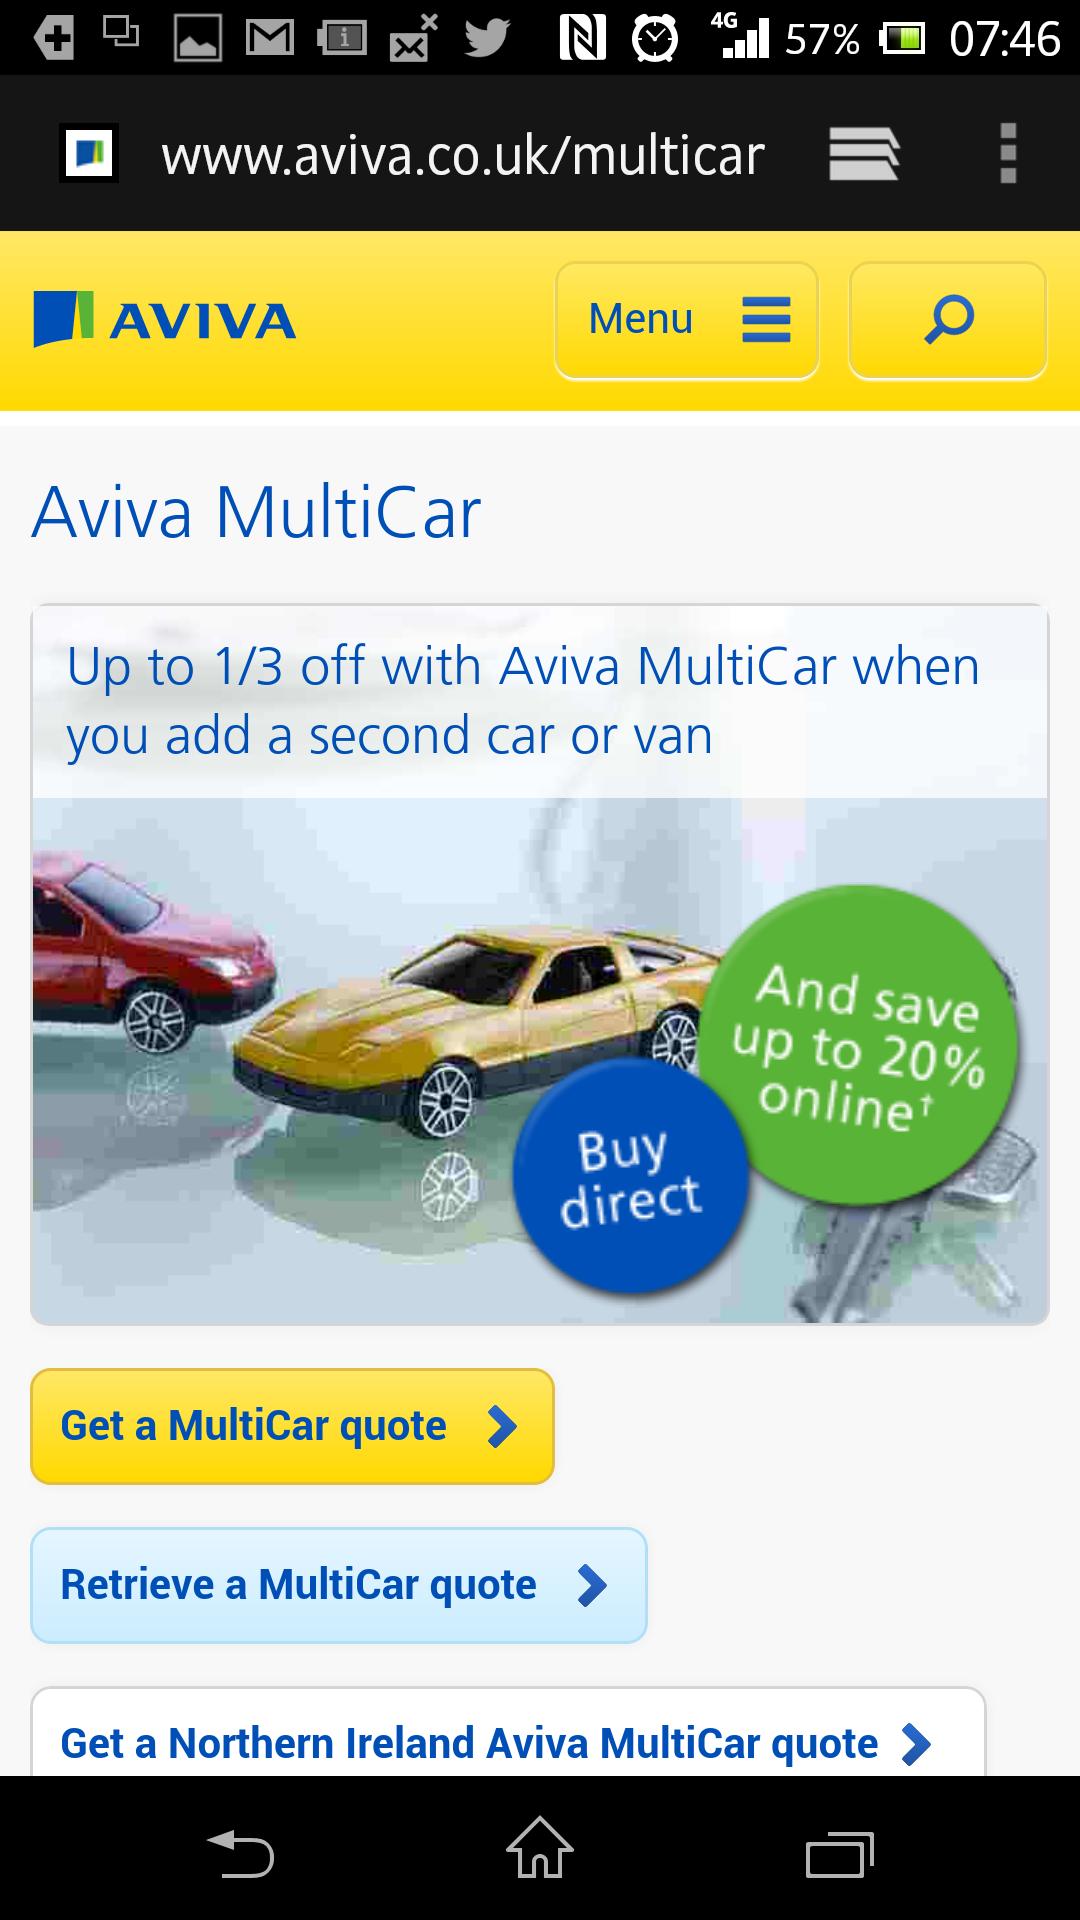 Mobile Marketing in the Wild: Aviva Mobile Ad Campaign